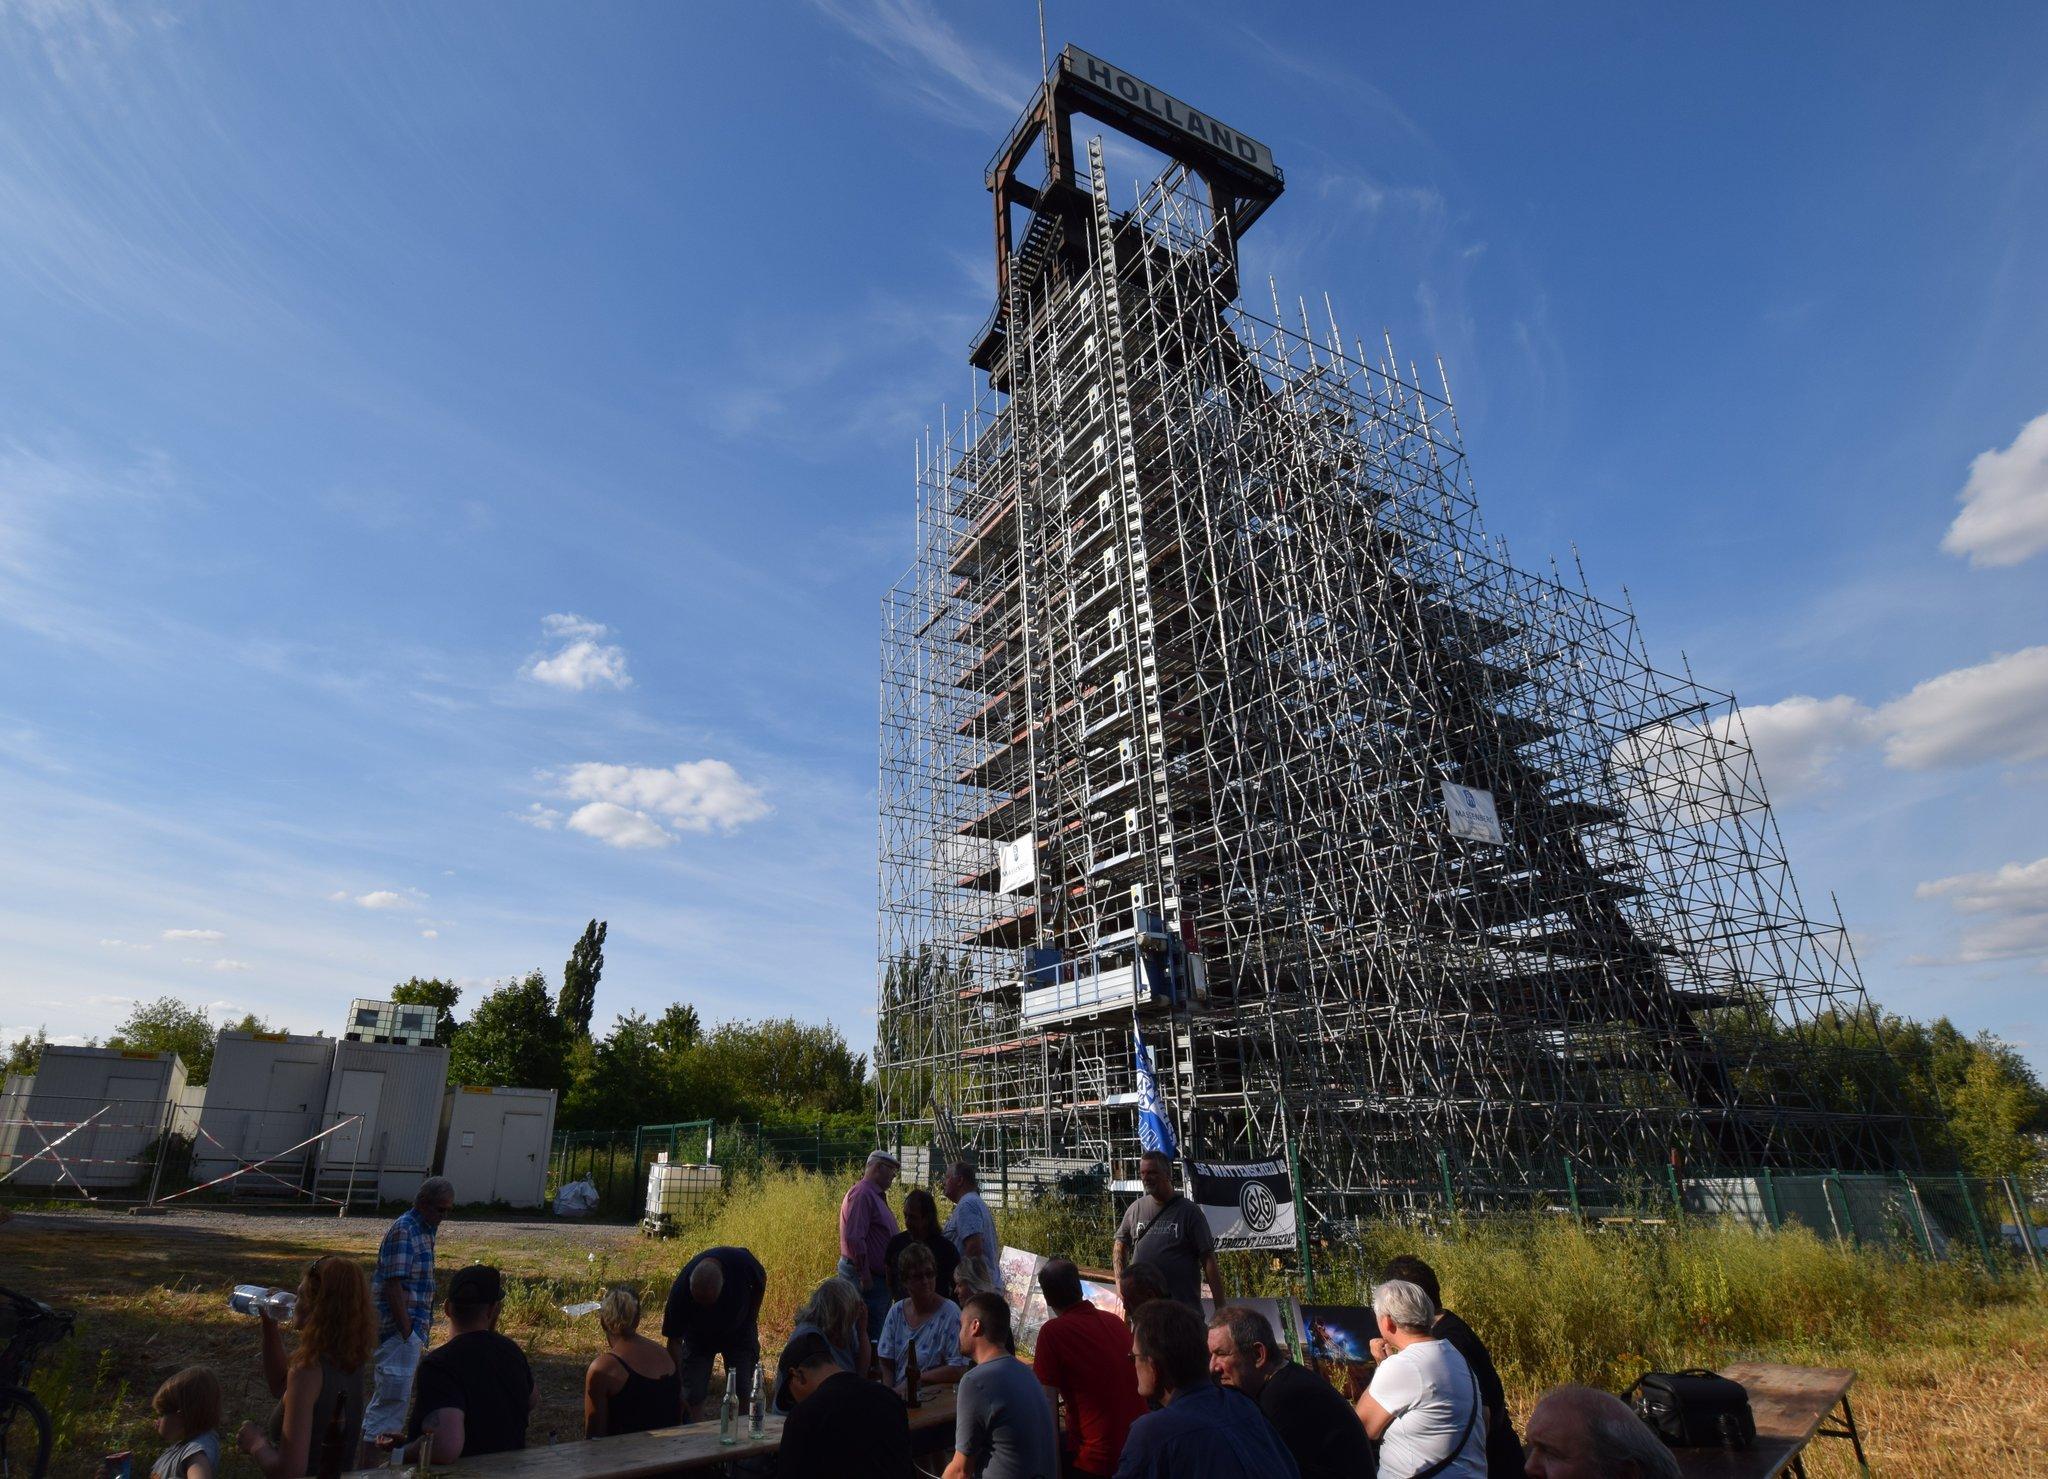 Förderturm der ehemaligen Zeche Holland in Wattenscheid